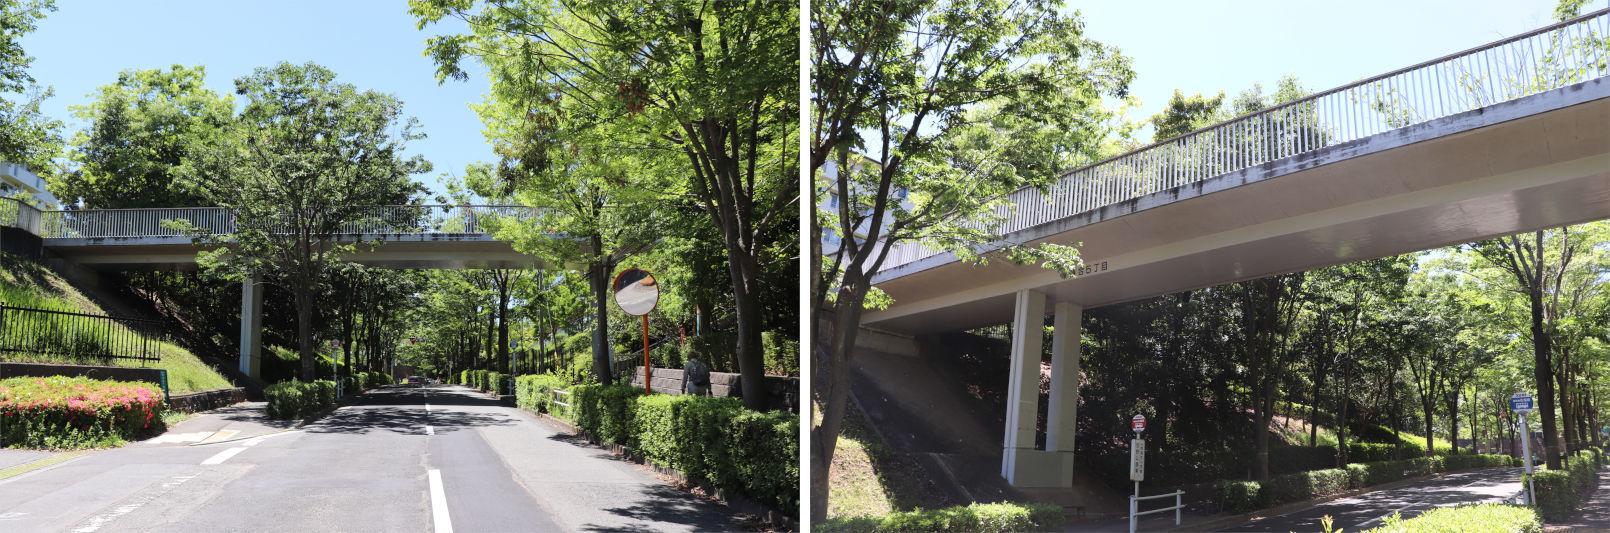 [多摩NTの橋ぜんぶ撮影PJ] No.97~100 多摩センター駅南側の橋_a0332275_16584706.jpg